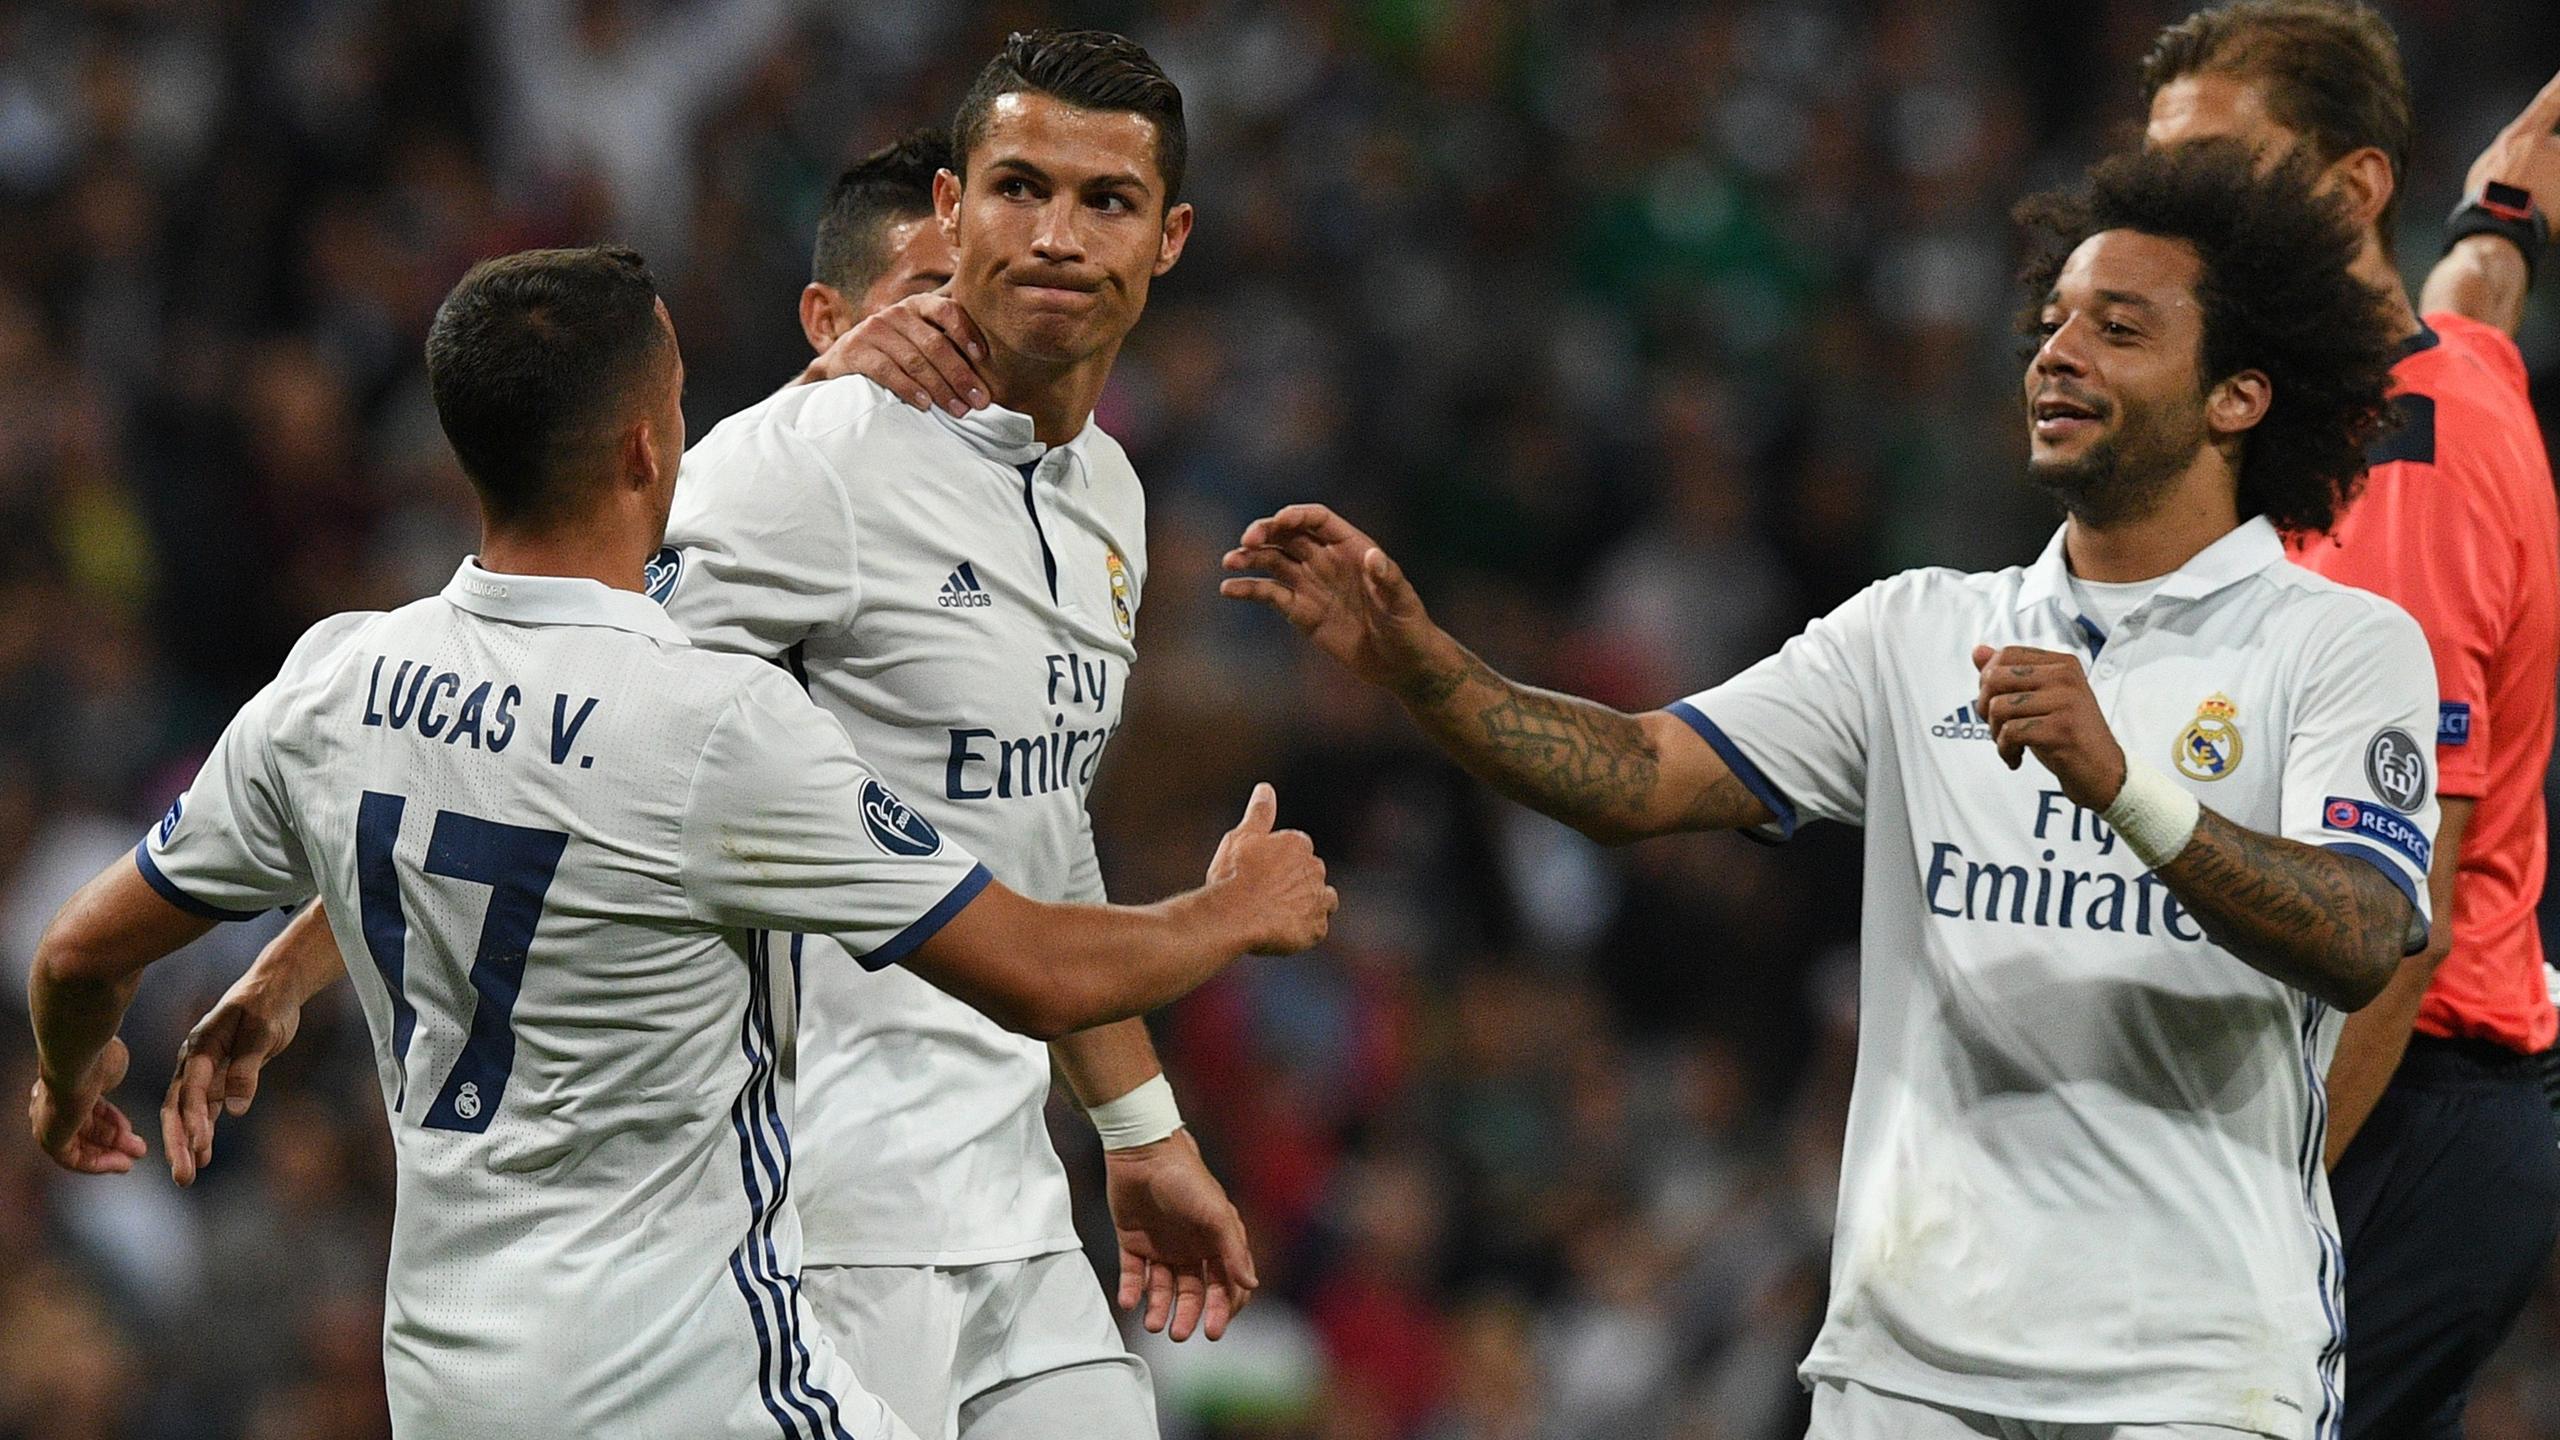 Cristiano Ronaldo jubelt nach seinem Tor für Real Madrid gegen Sporting Lissabon nicht